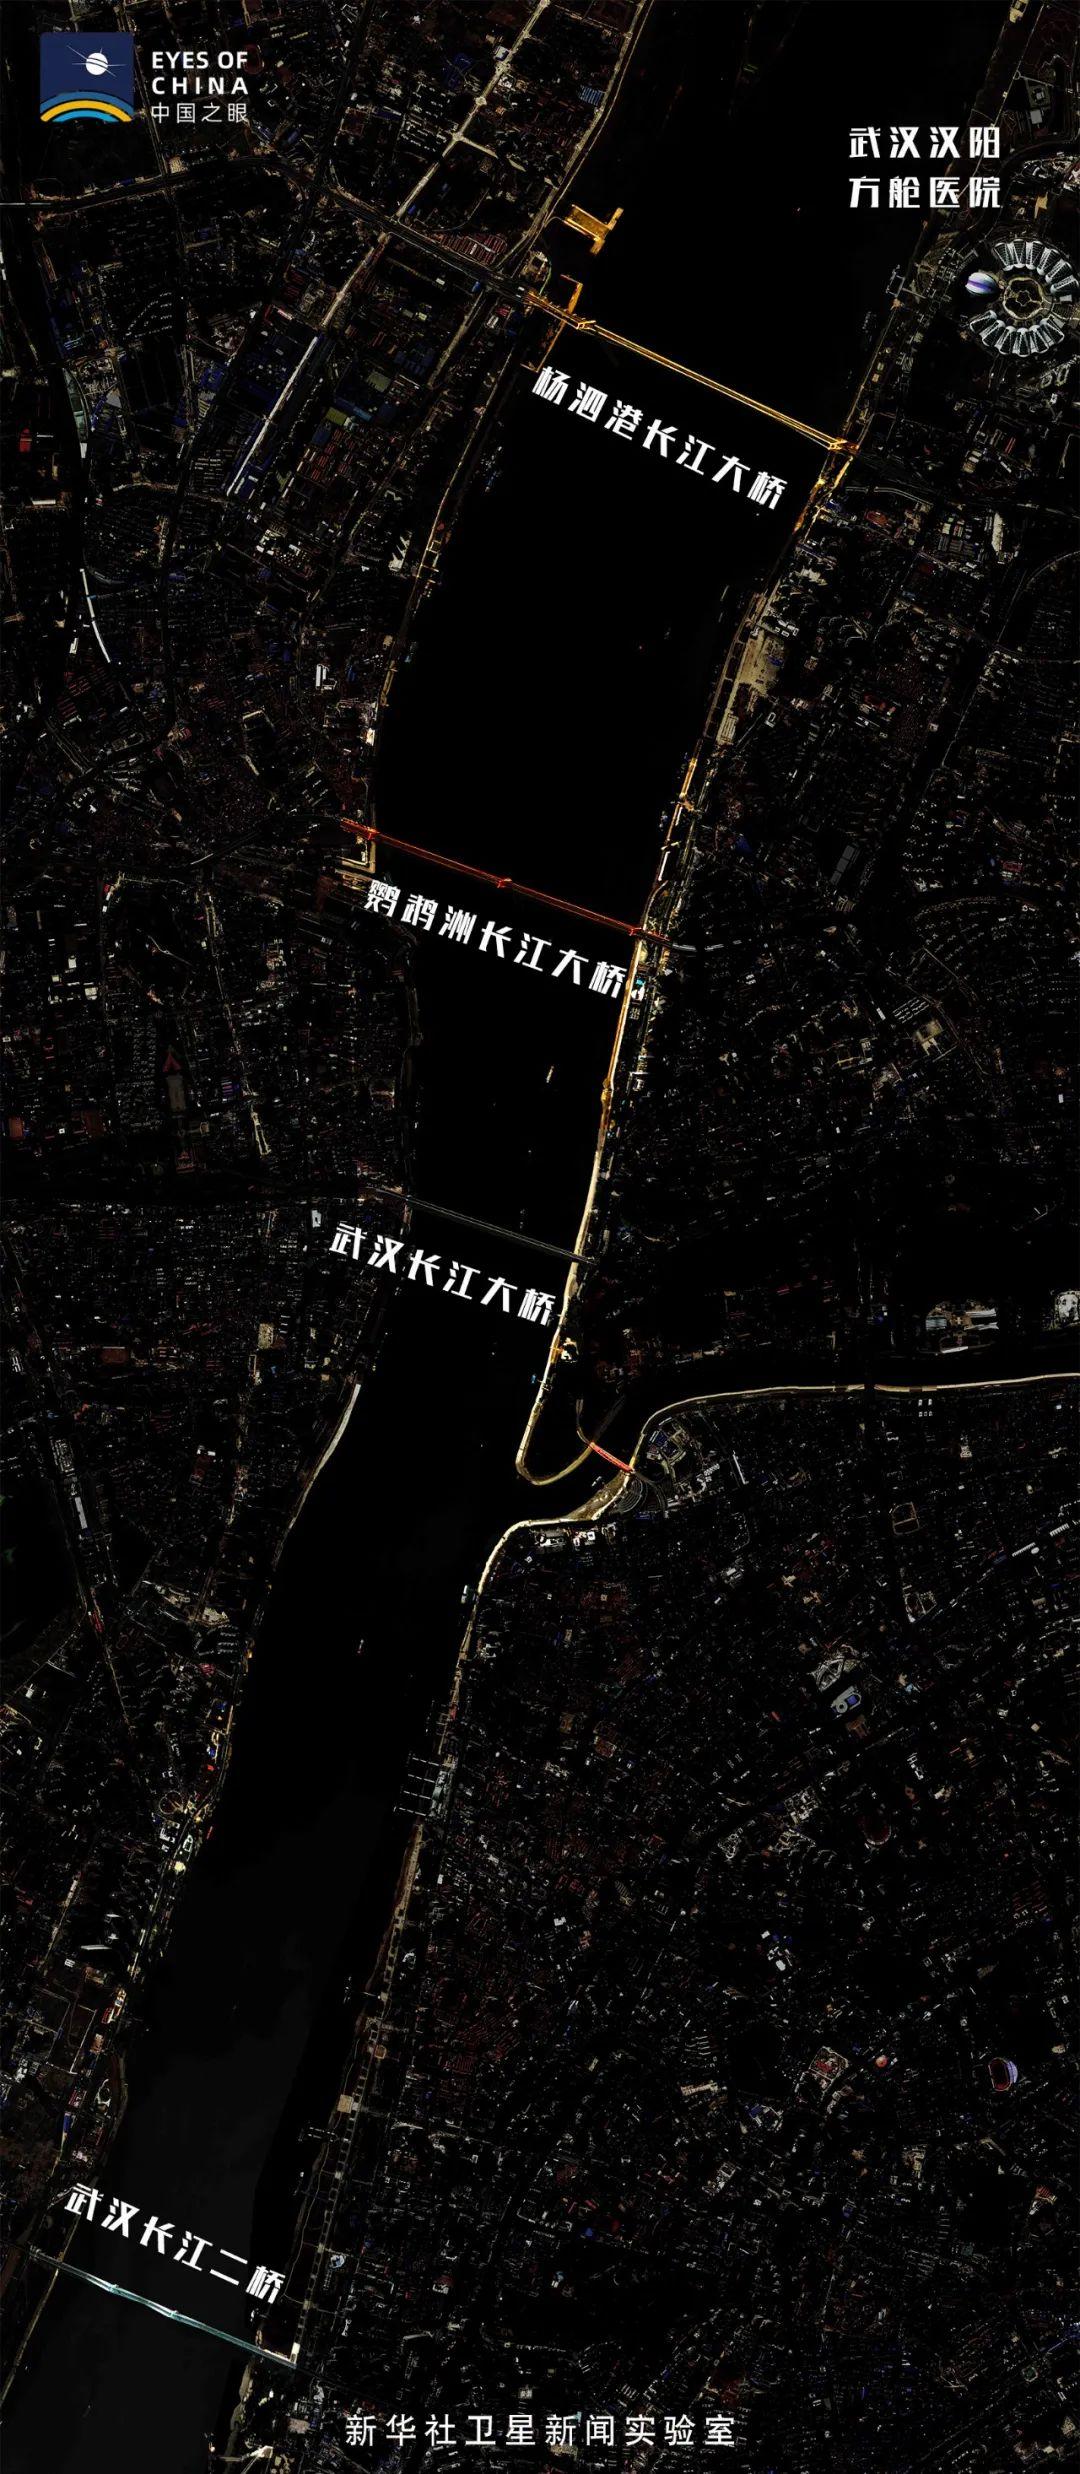 武汉多座长江大桥卫星灯光相符收获果图